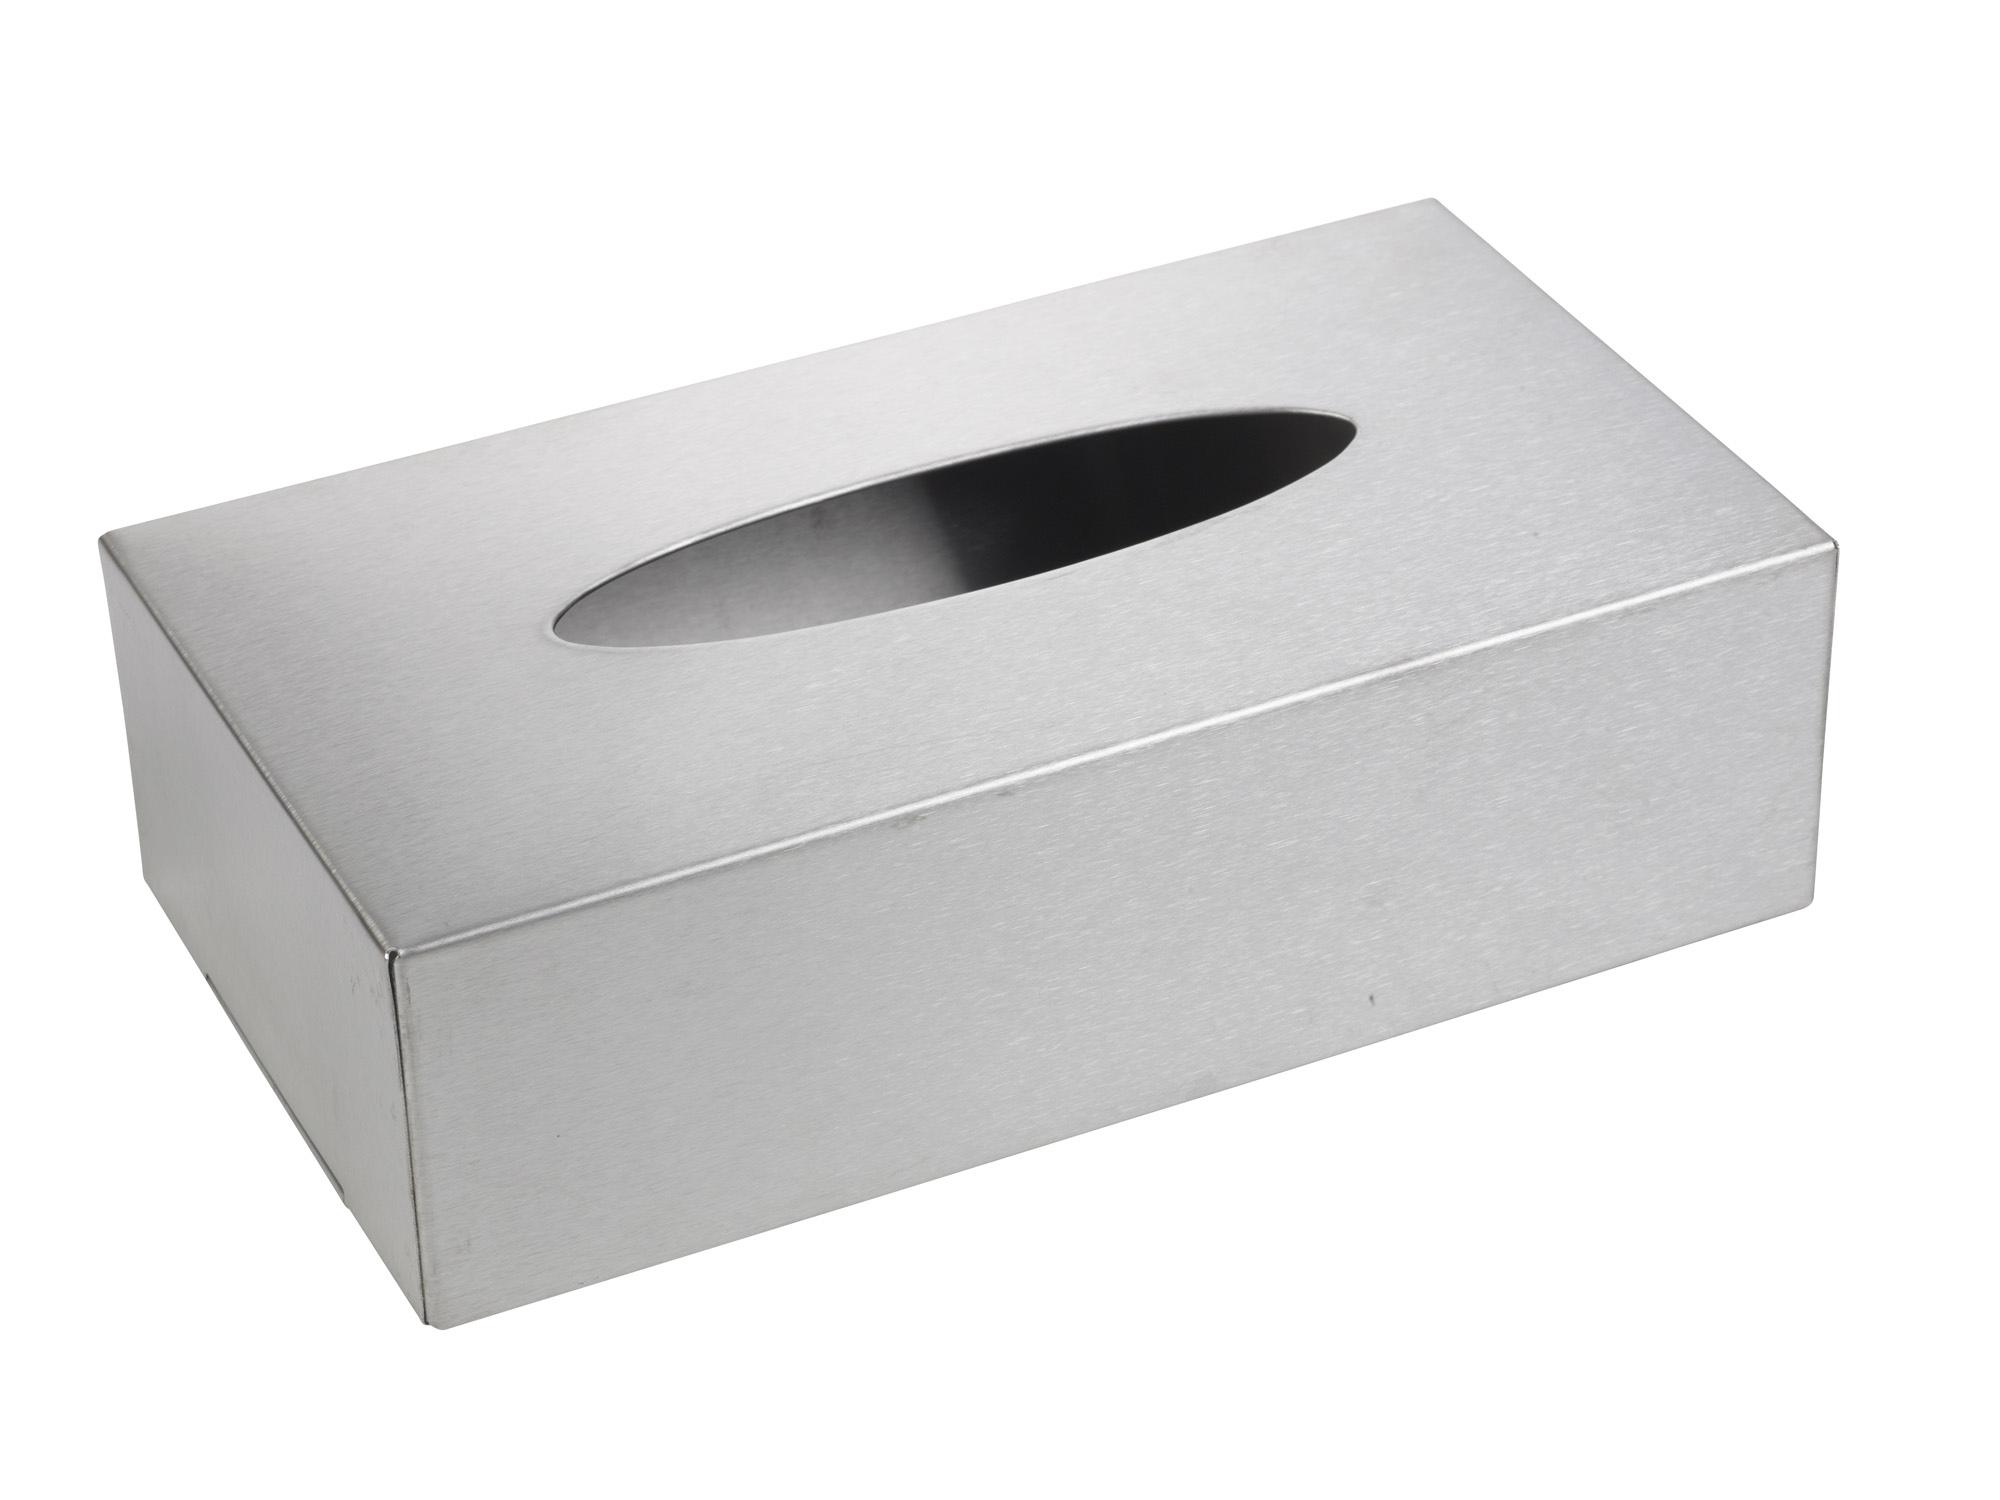 Brushed Stainless Steel Tissue Box Holder Dispenser Chrome ...